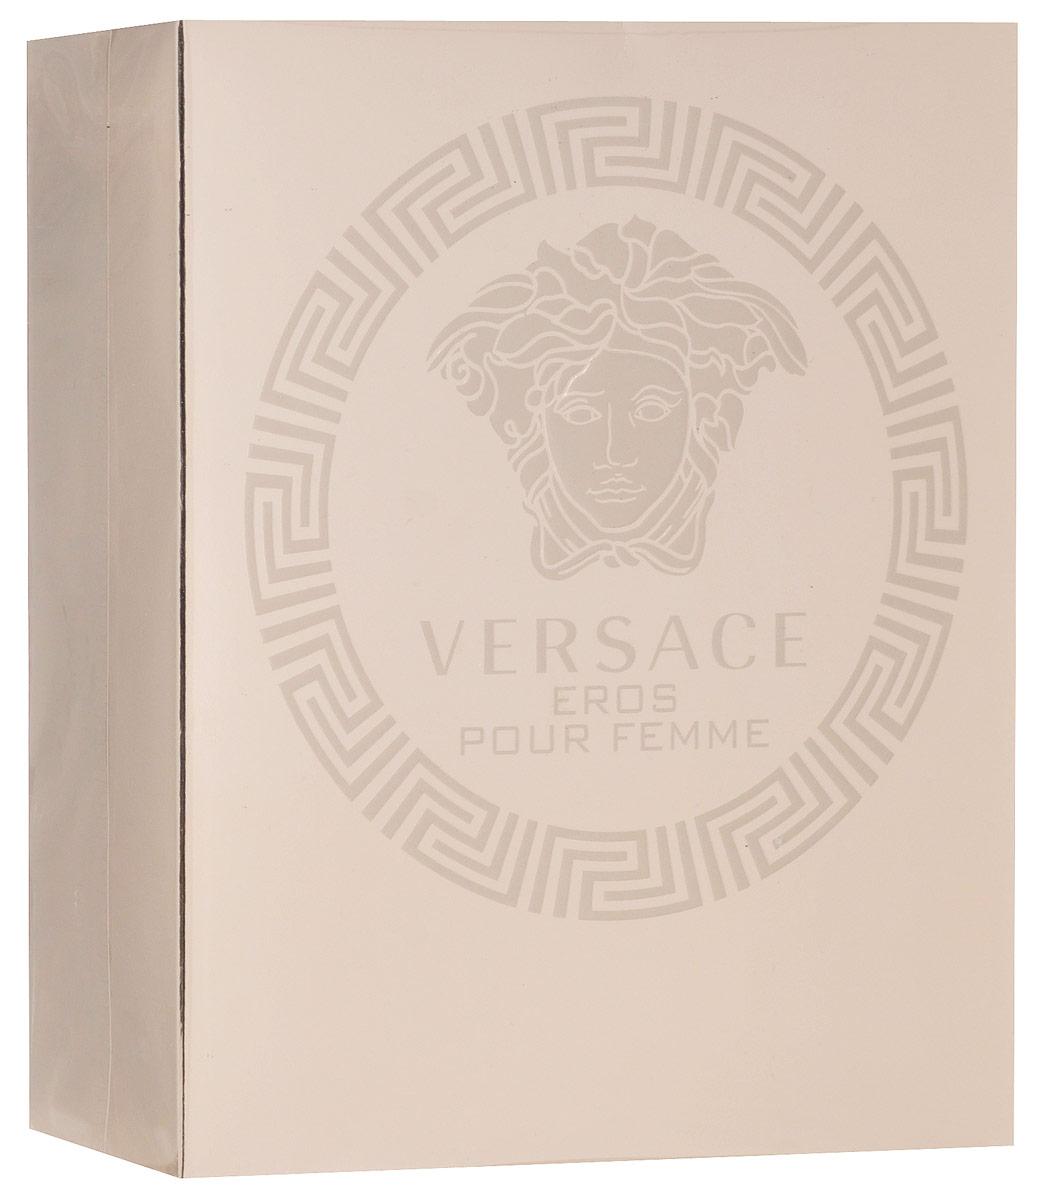 Versace Eros Pour Femme Набор Парфюмированная вода Женская 30 мл+лосьон для тела 50 мл75004052Всепобеждающая власть женщины, заключенная в искрящемся и чувственном аромате. Созданныи? Донателлои? Версаче, этот аромат излучает силу, индивидуальность и соблазн. Новая легенда от Versace, повествующая о страсти. Аромат: цветочный, древесный, мускусный.